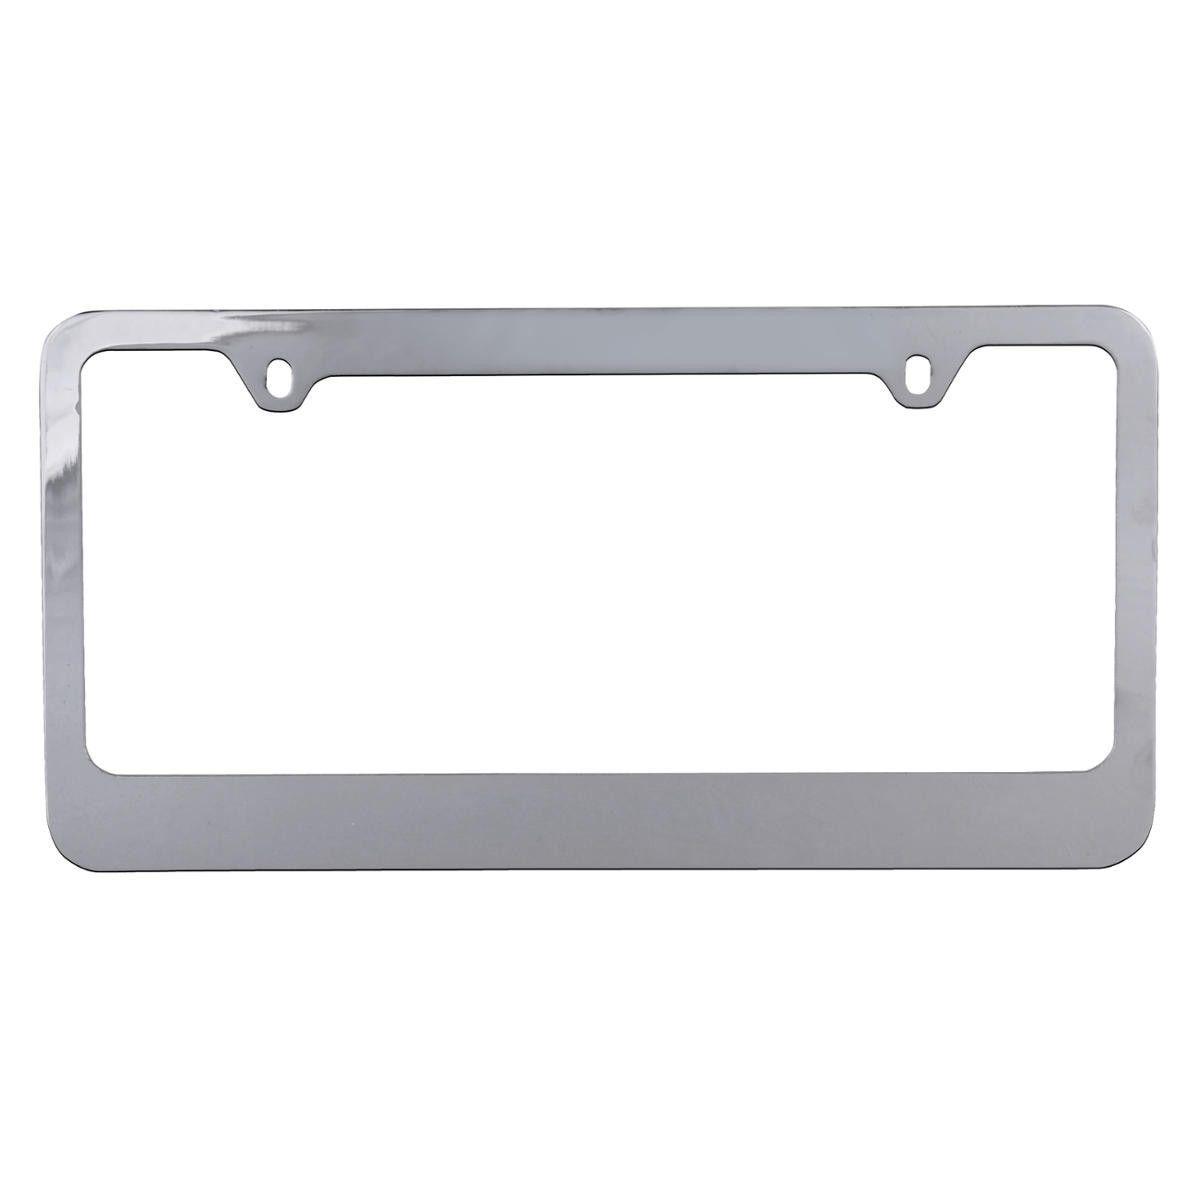 BDK USA Blank Chrome Metal License Plate Frame 1 Piece   License ...